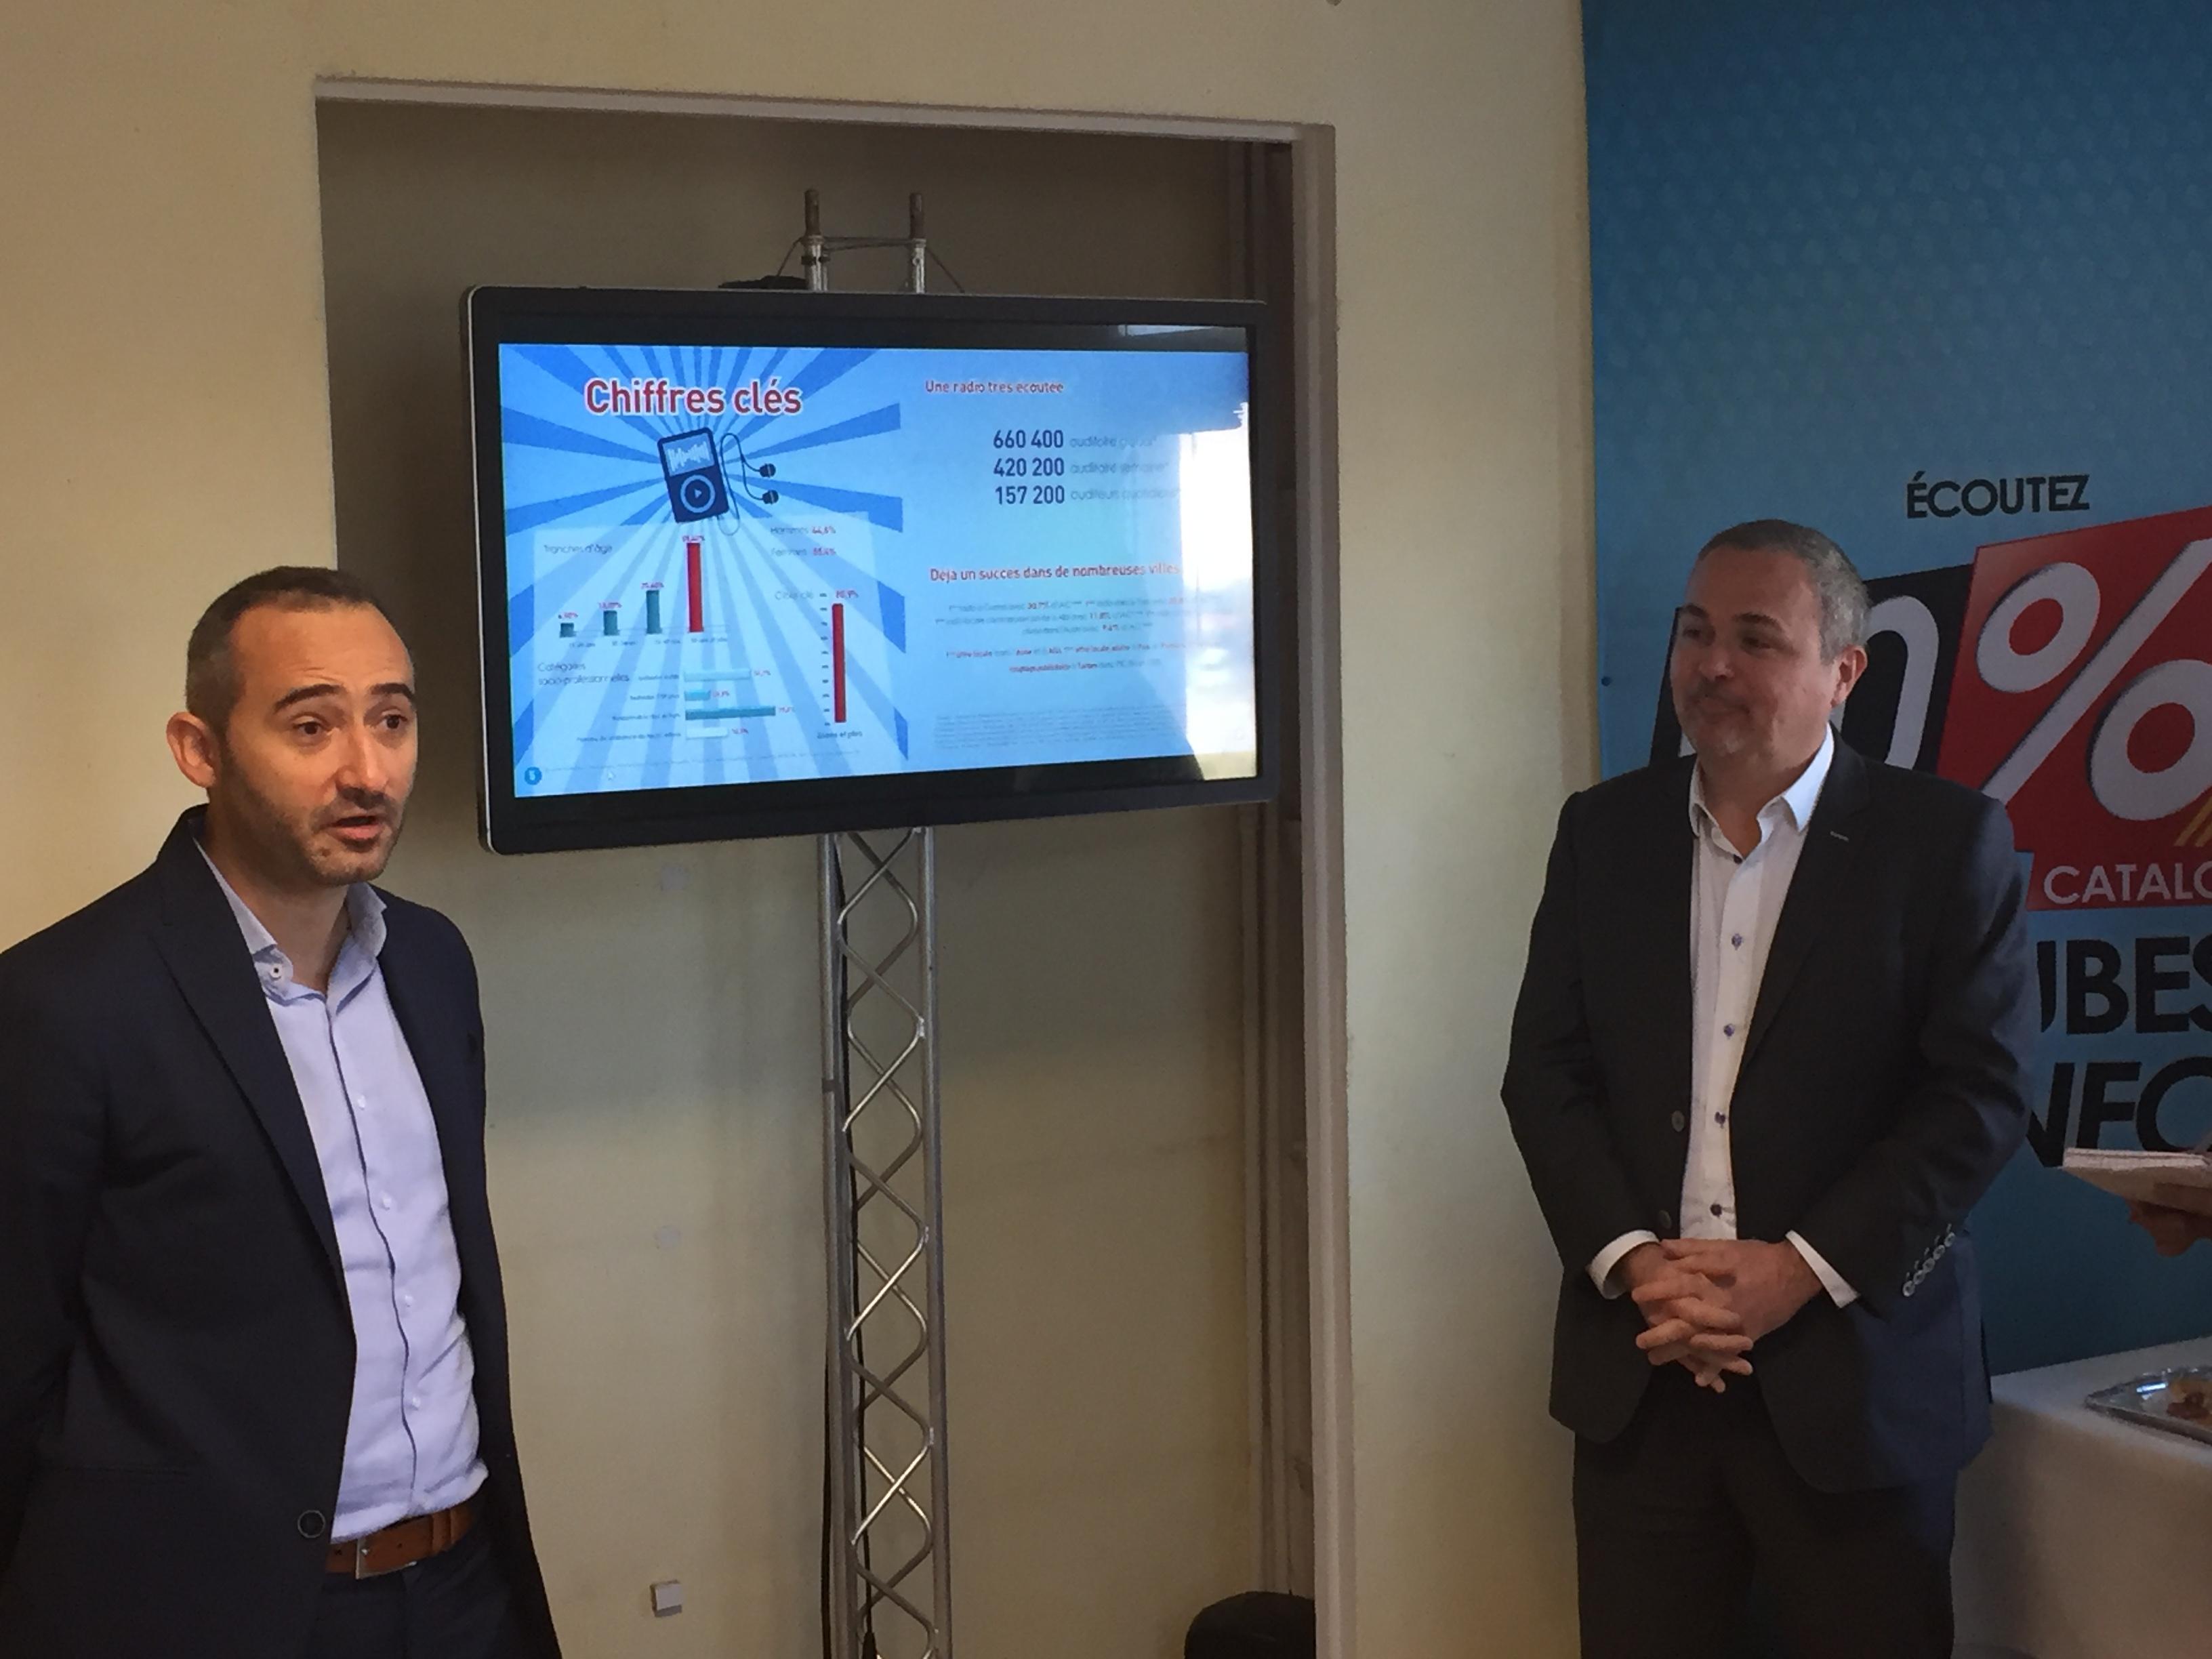 Hier matin à Perpignan, Jacques Iribarren et Olivier Fabre ont officiellement annoncé l'arrivée du réseau régional 100% danbs les Pyrénées Orientales